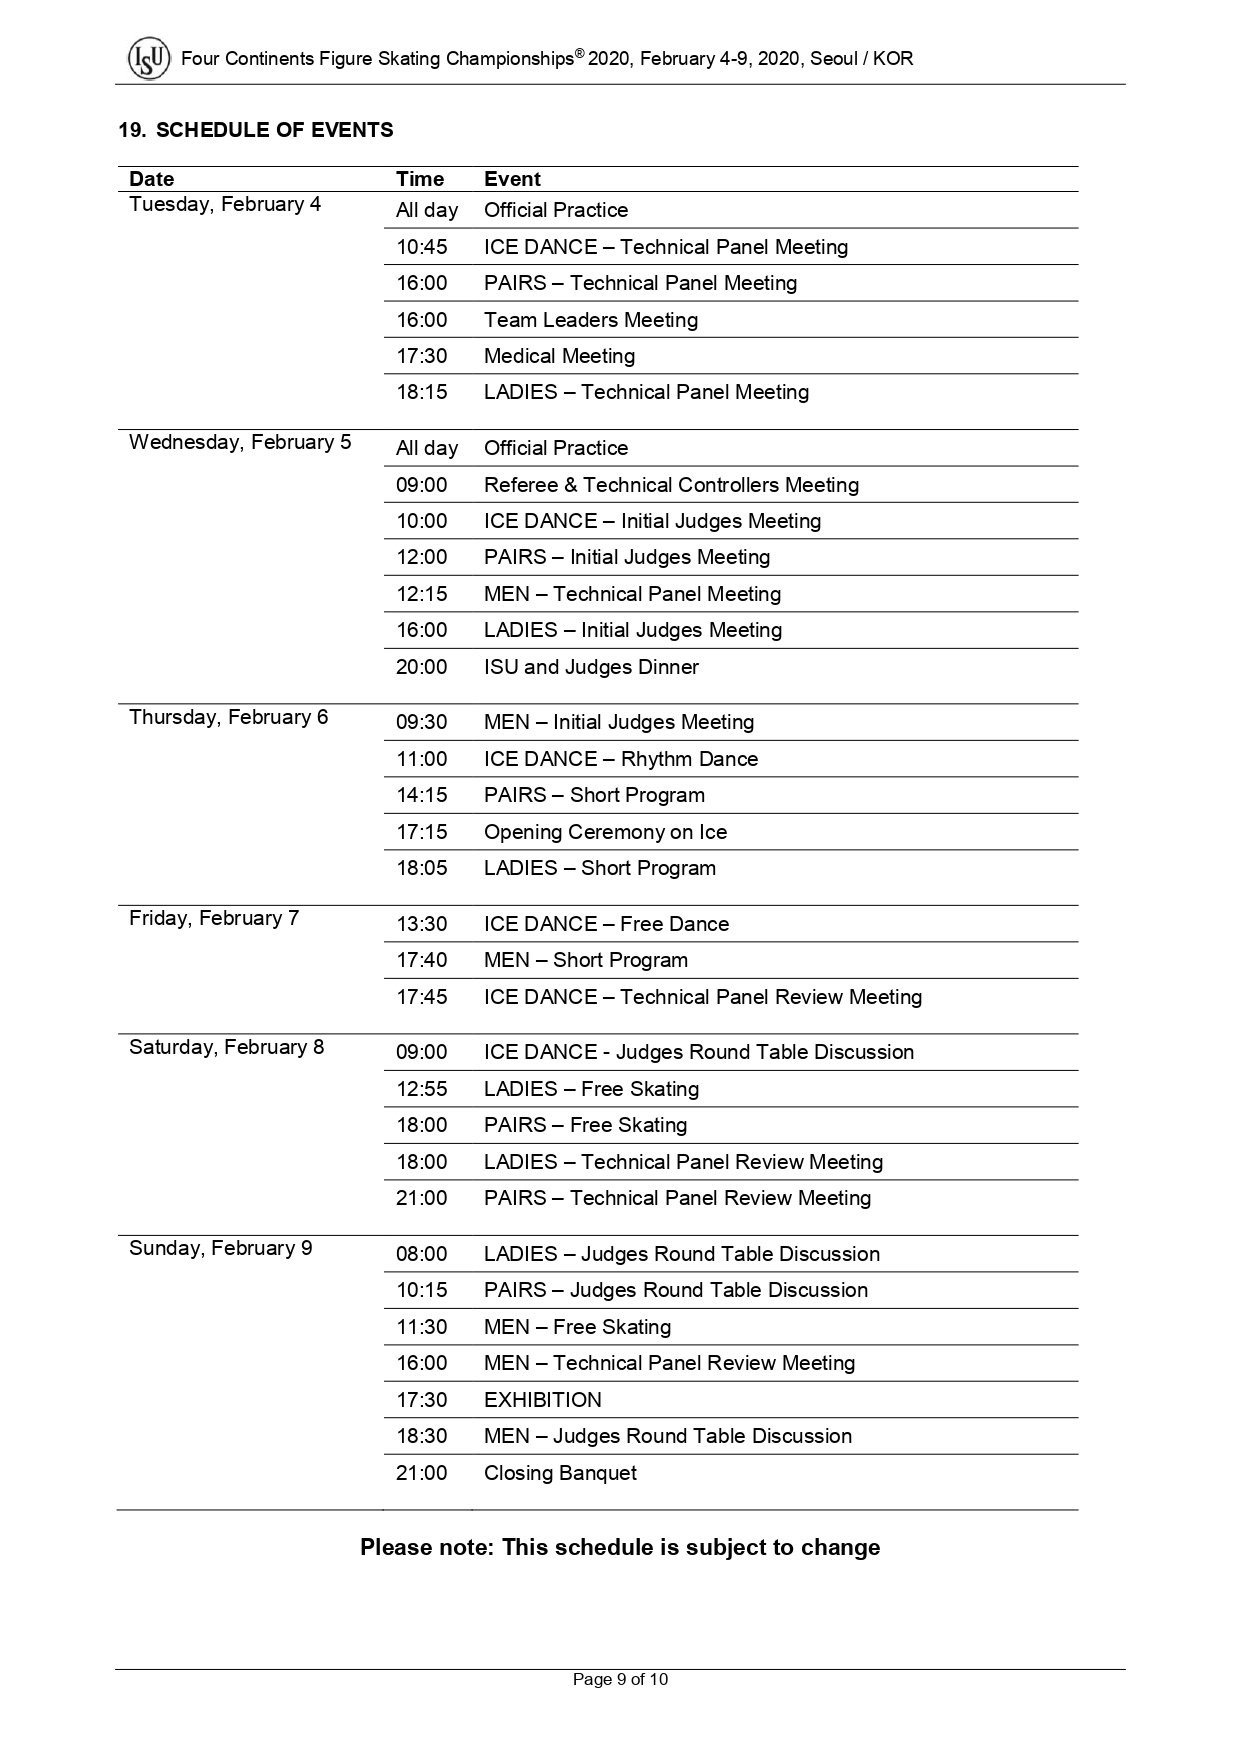 Чемпионат четырех континентов  |ISU Four Continents Figure Skating Championships/4-9 февраля 2020/ Сеул (Корея) EDeGqIIXkAYI-3E?format=jpg&name=large